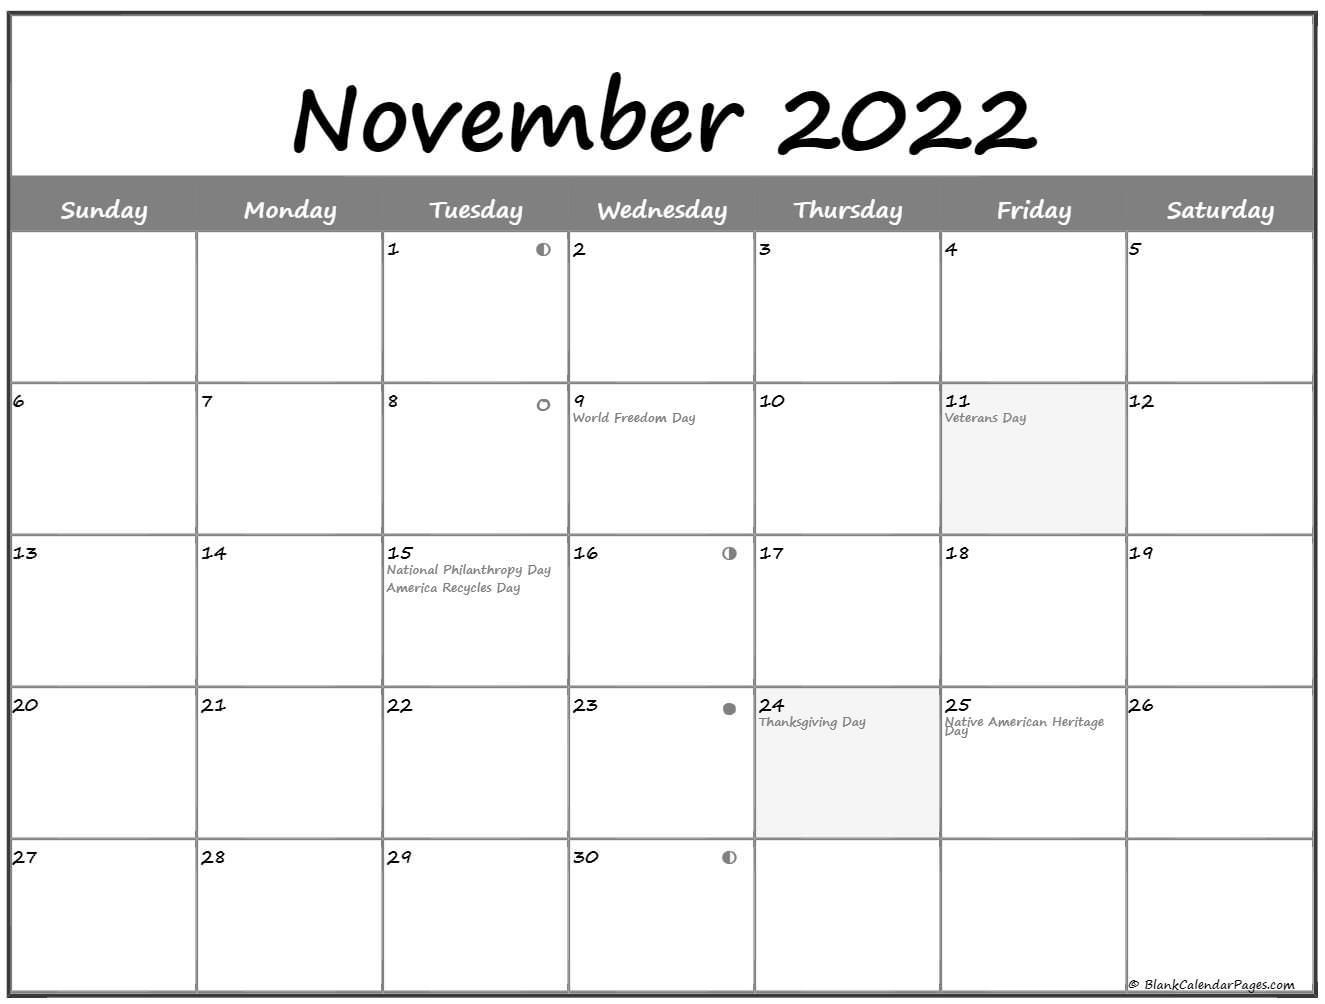 Moon Calendar November 2022.November 2022 Lunar Calendar Moon Phase Calendar